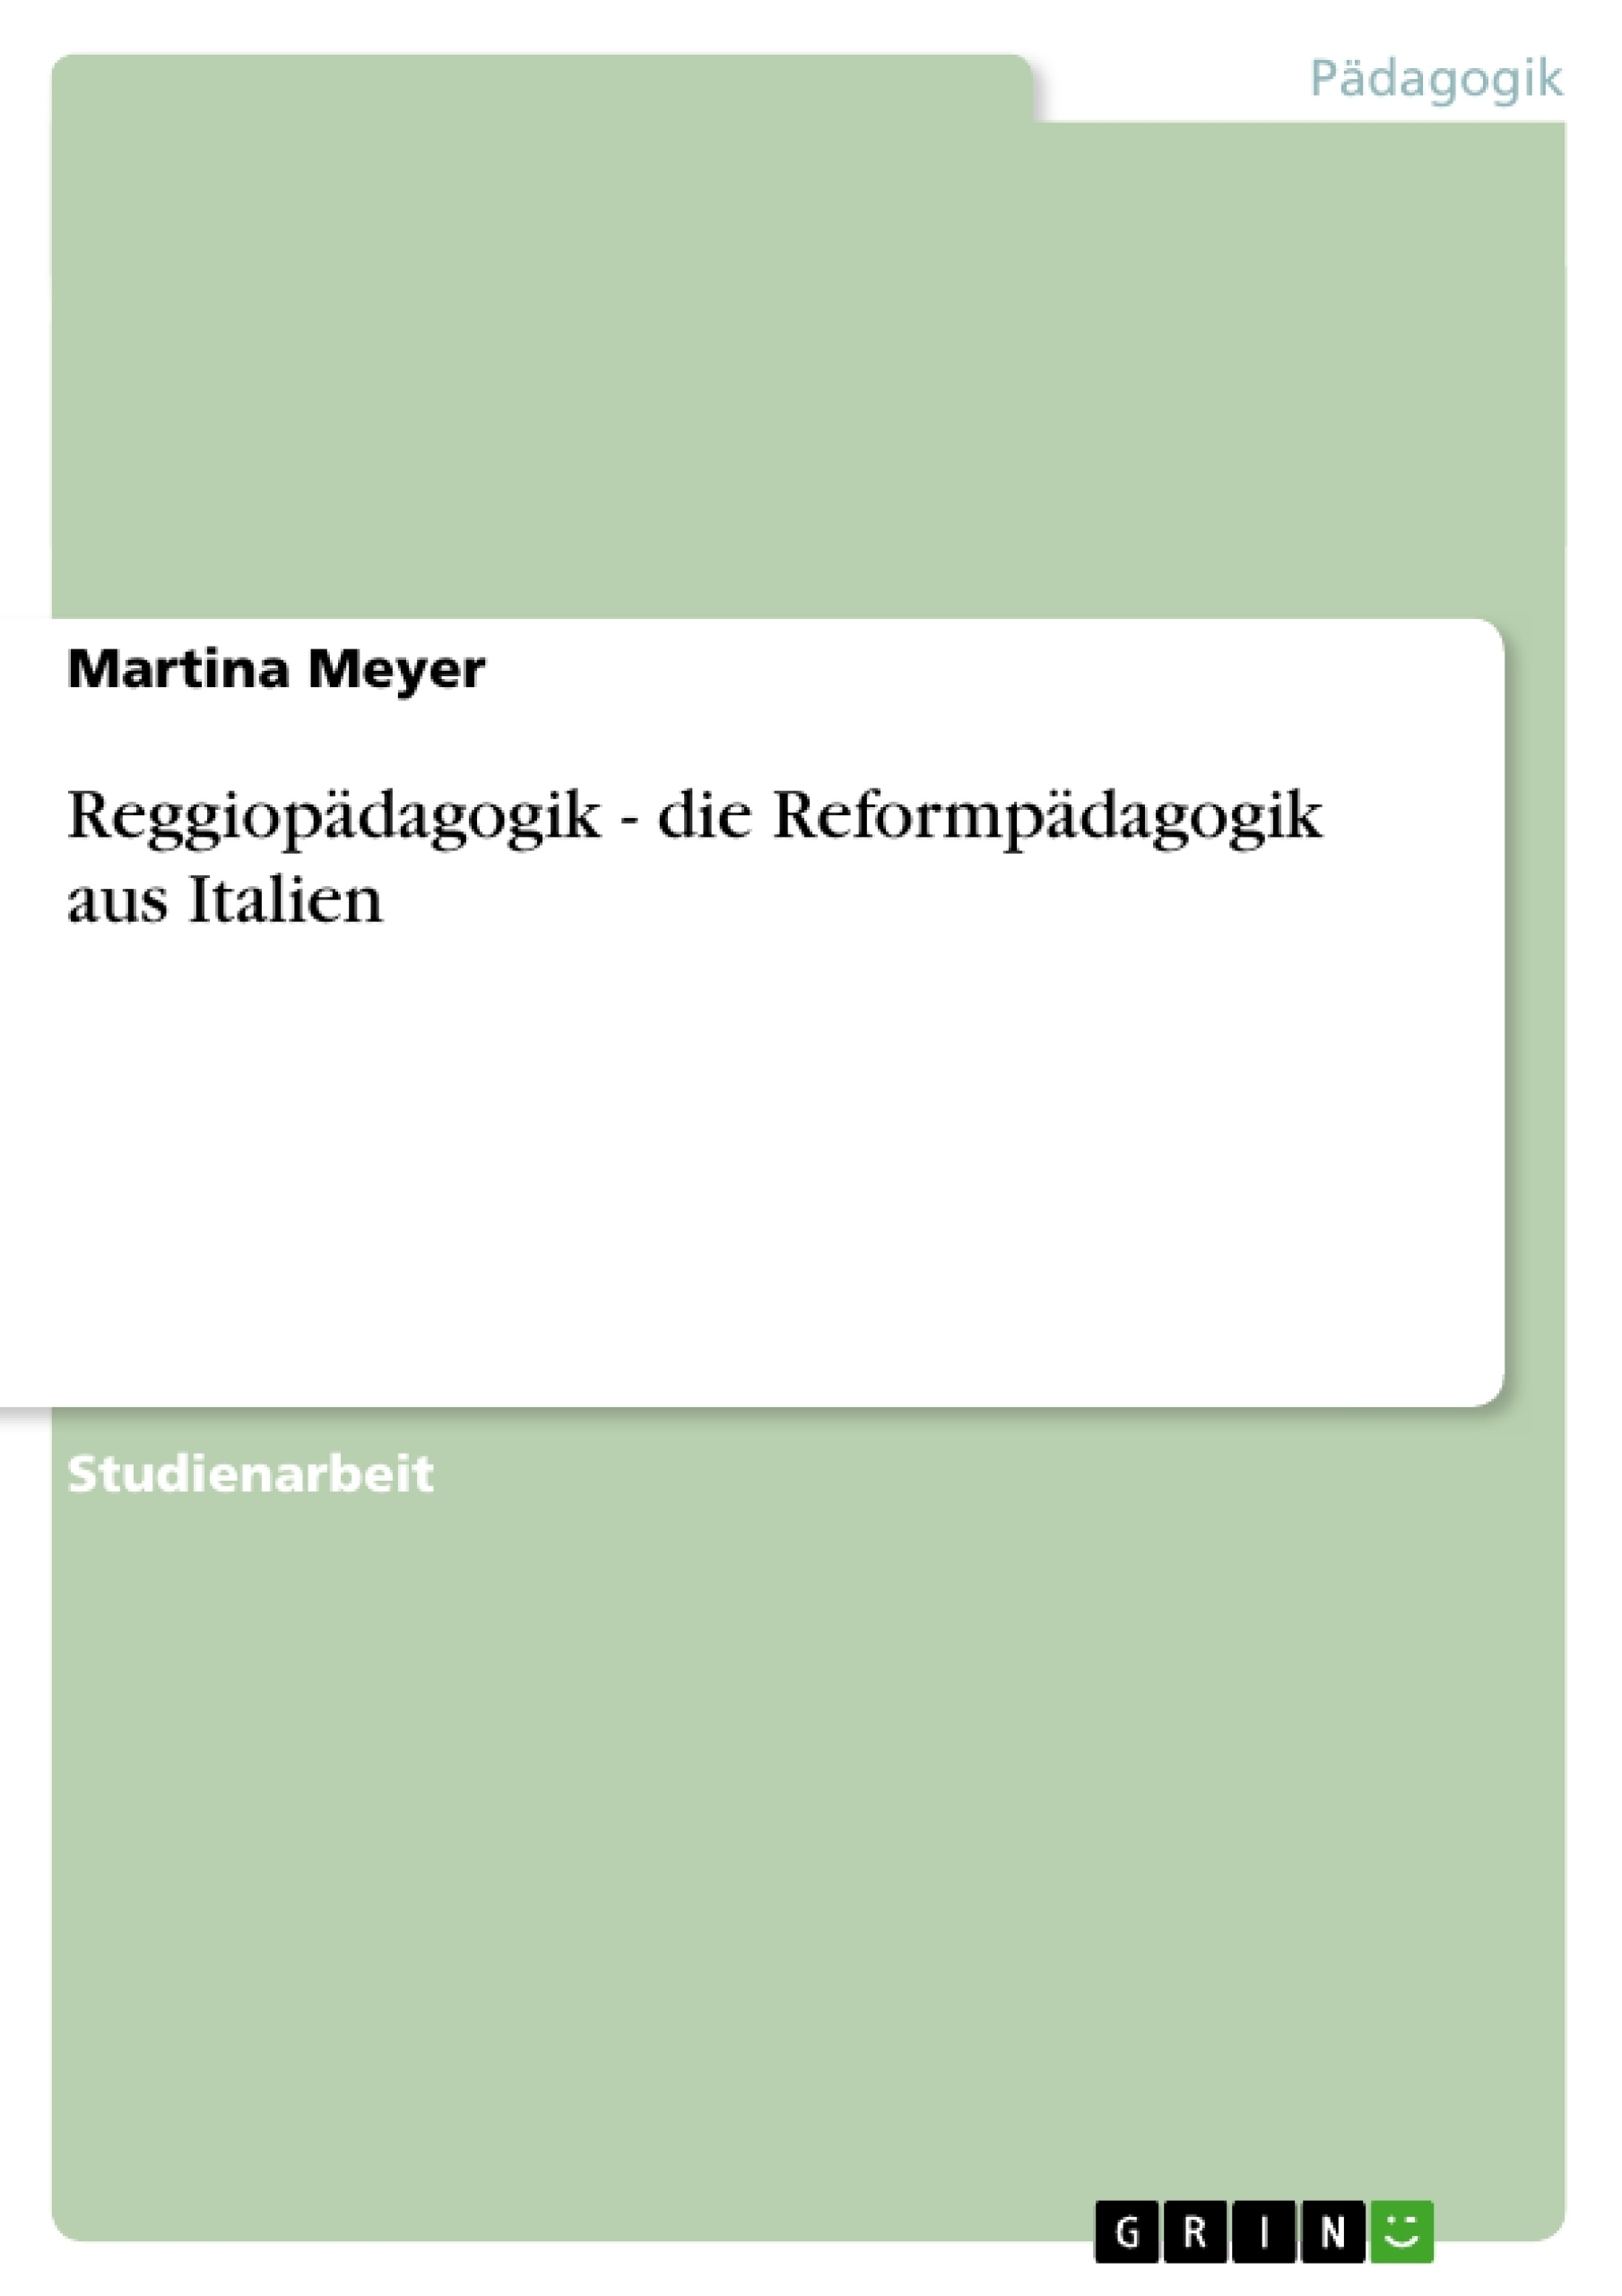 Titel: Reggiopädagogik - die Reformpädagogik aus Italien